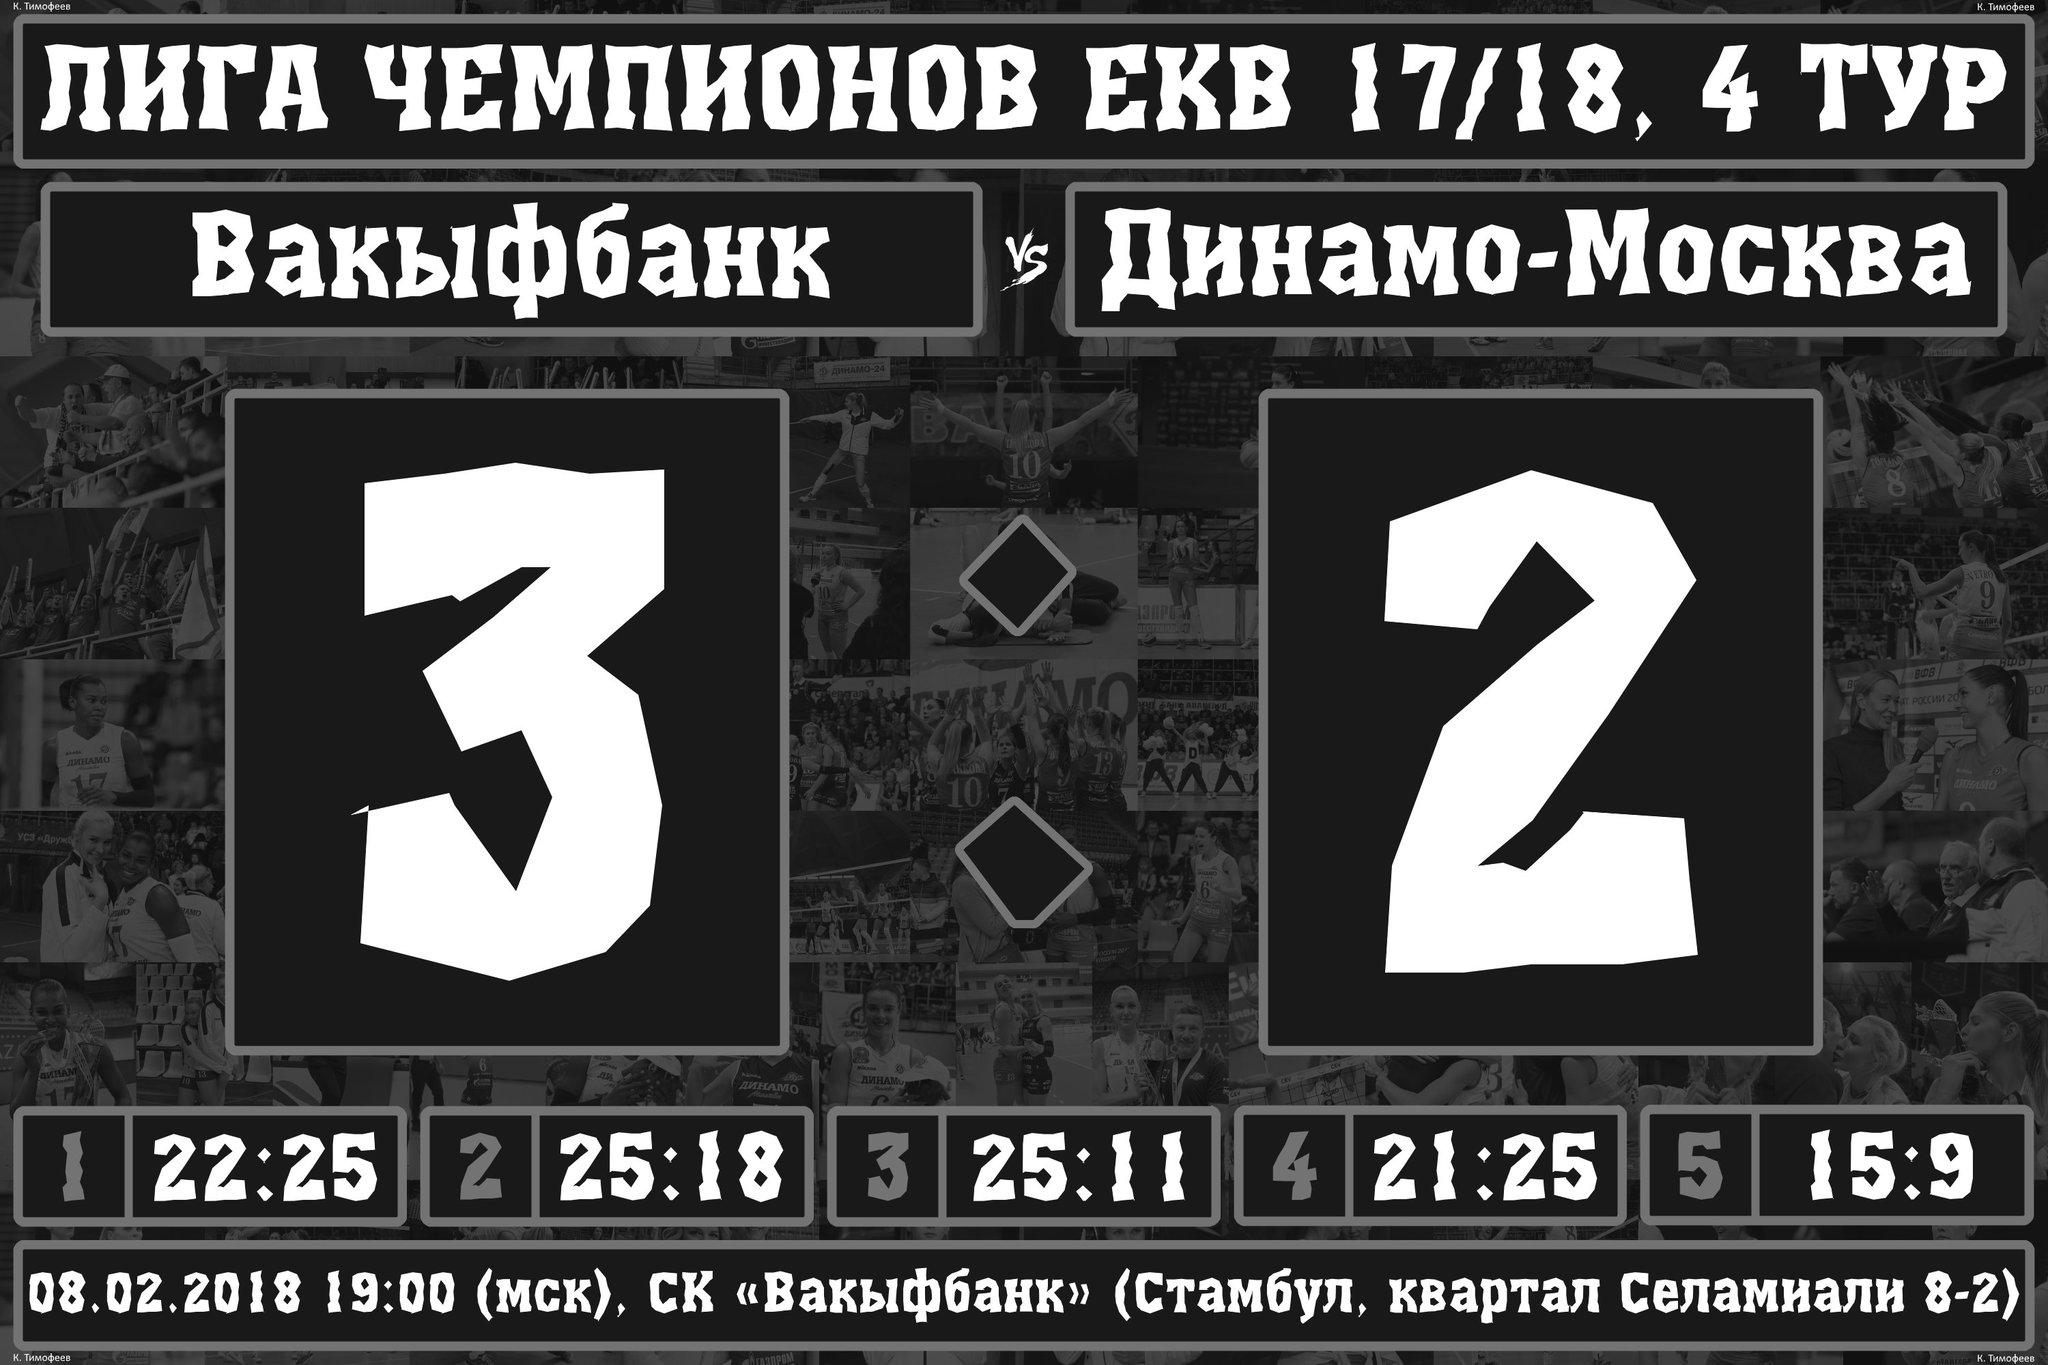 Волейбольный клуб динамо москва календарь вакансии в ночных клуба ставрополя